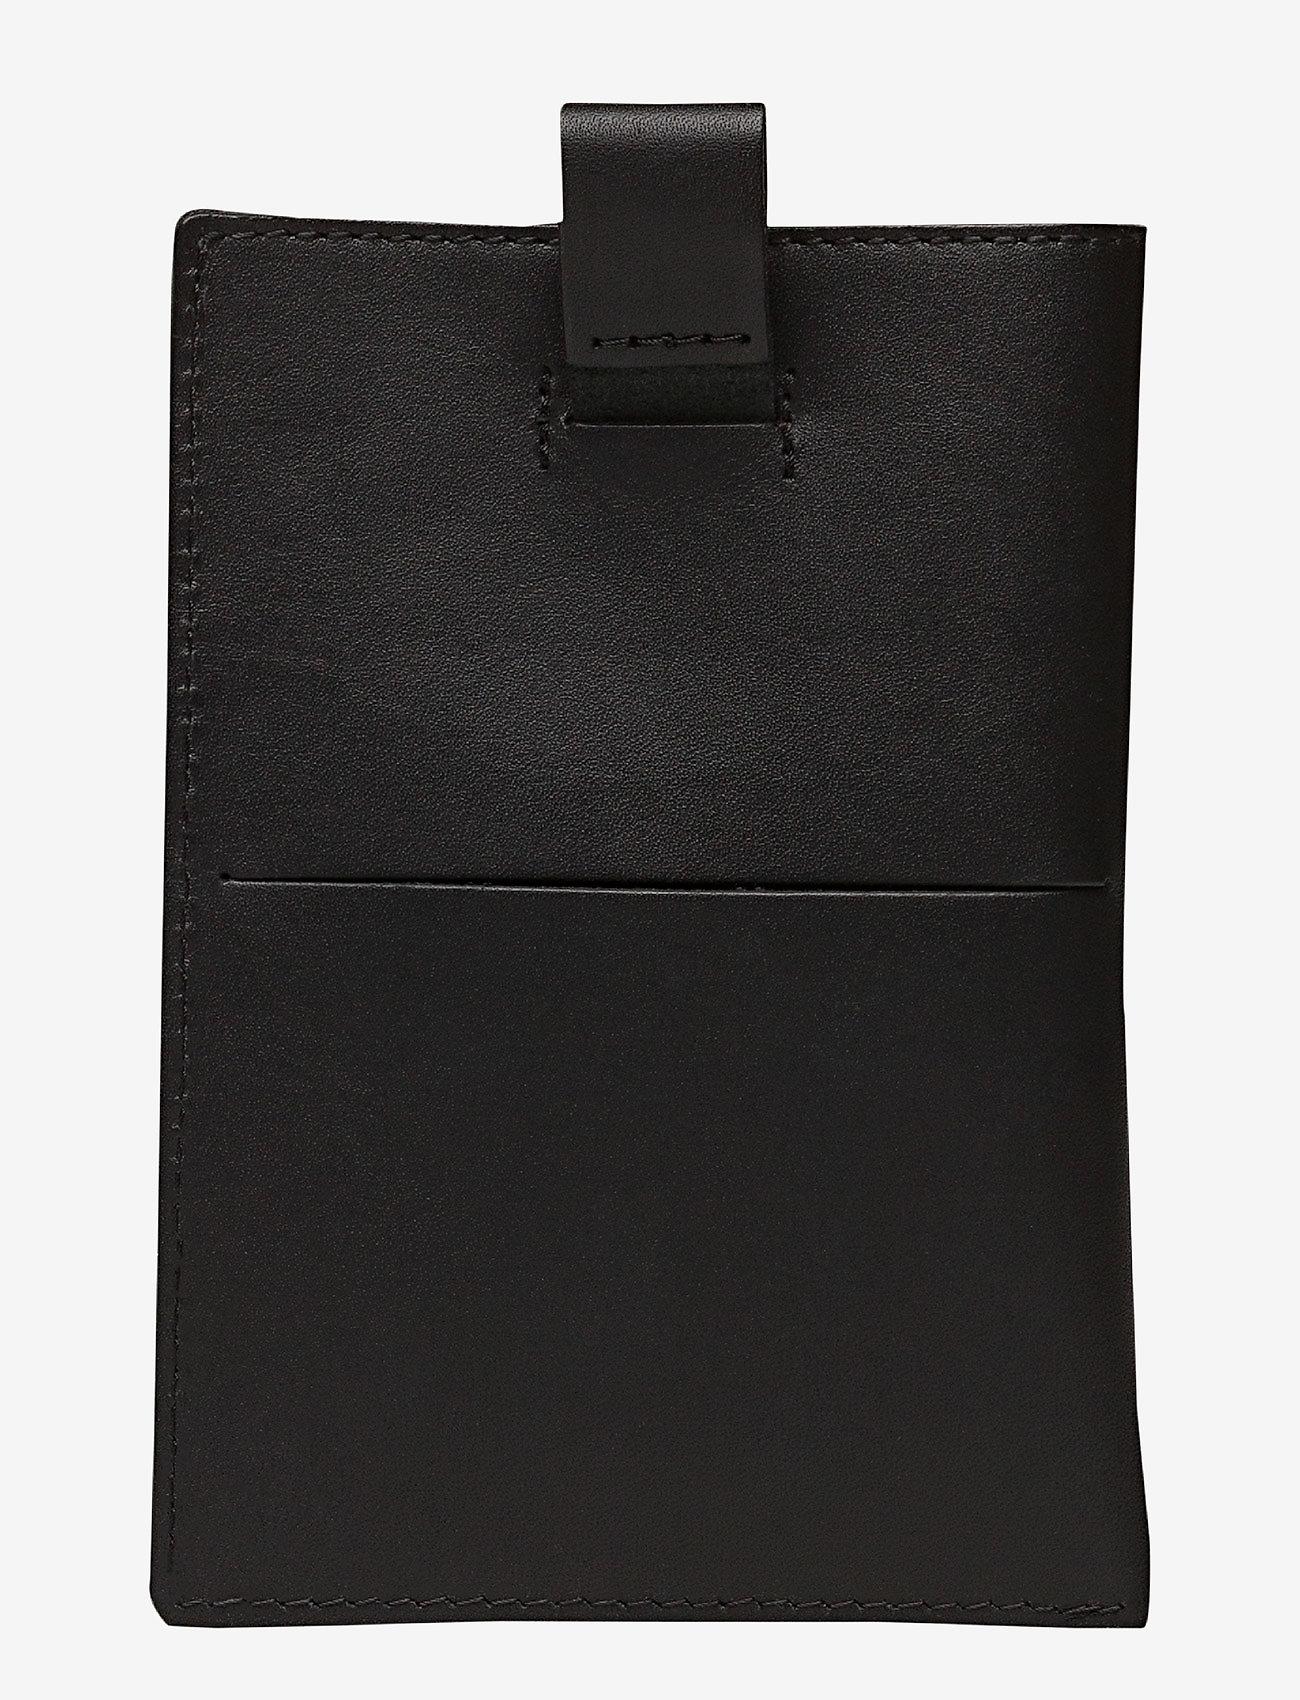 SANDQVIST - MARCO - reise-accessoires - black - 1